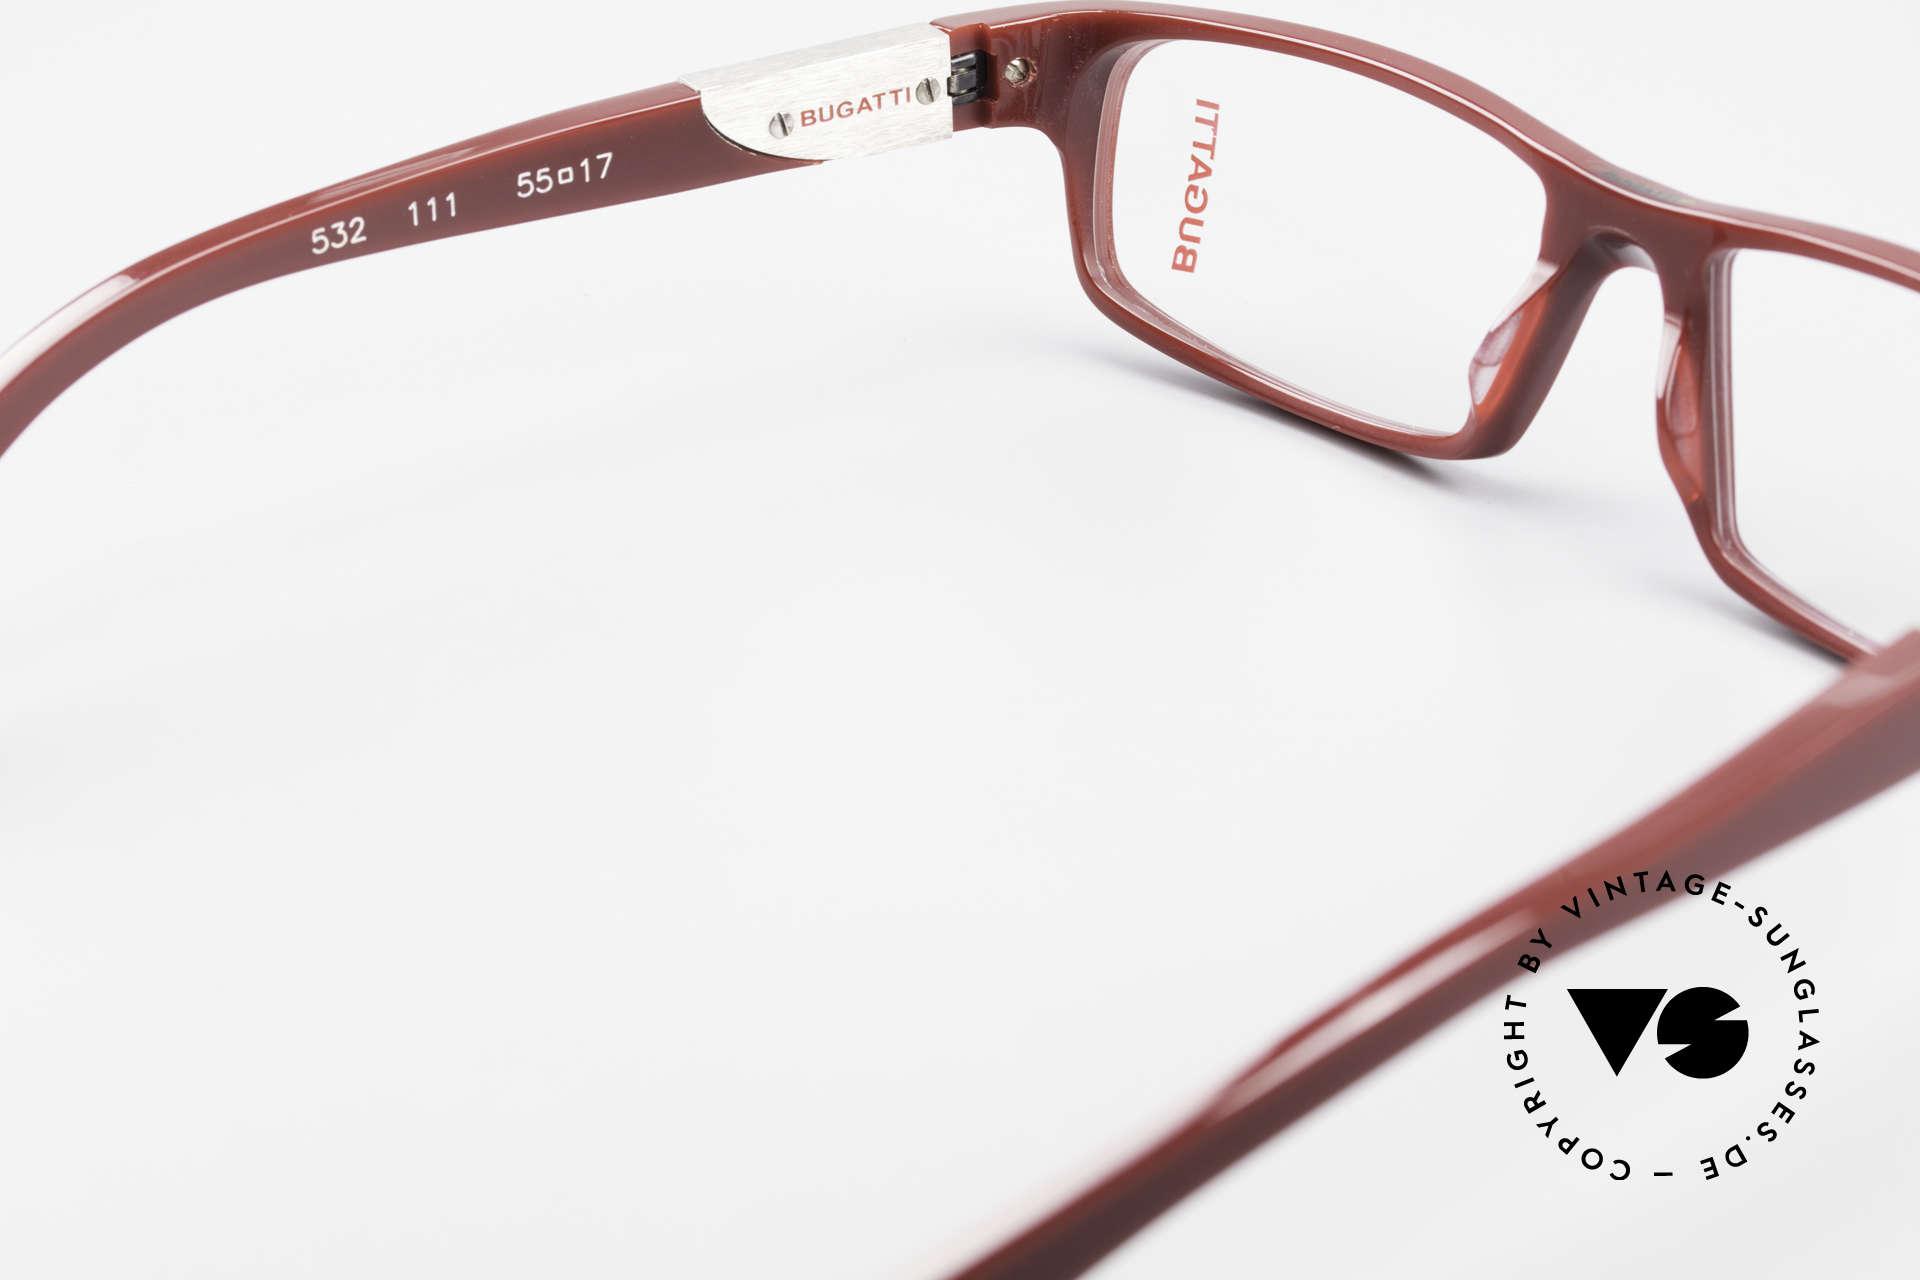 Bugatti 532 Striking Luxury Glasses Men, the frame is made for optical lenses / sun lenses, Made for Men